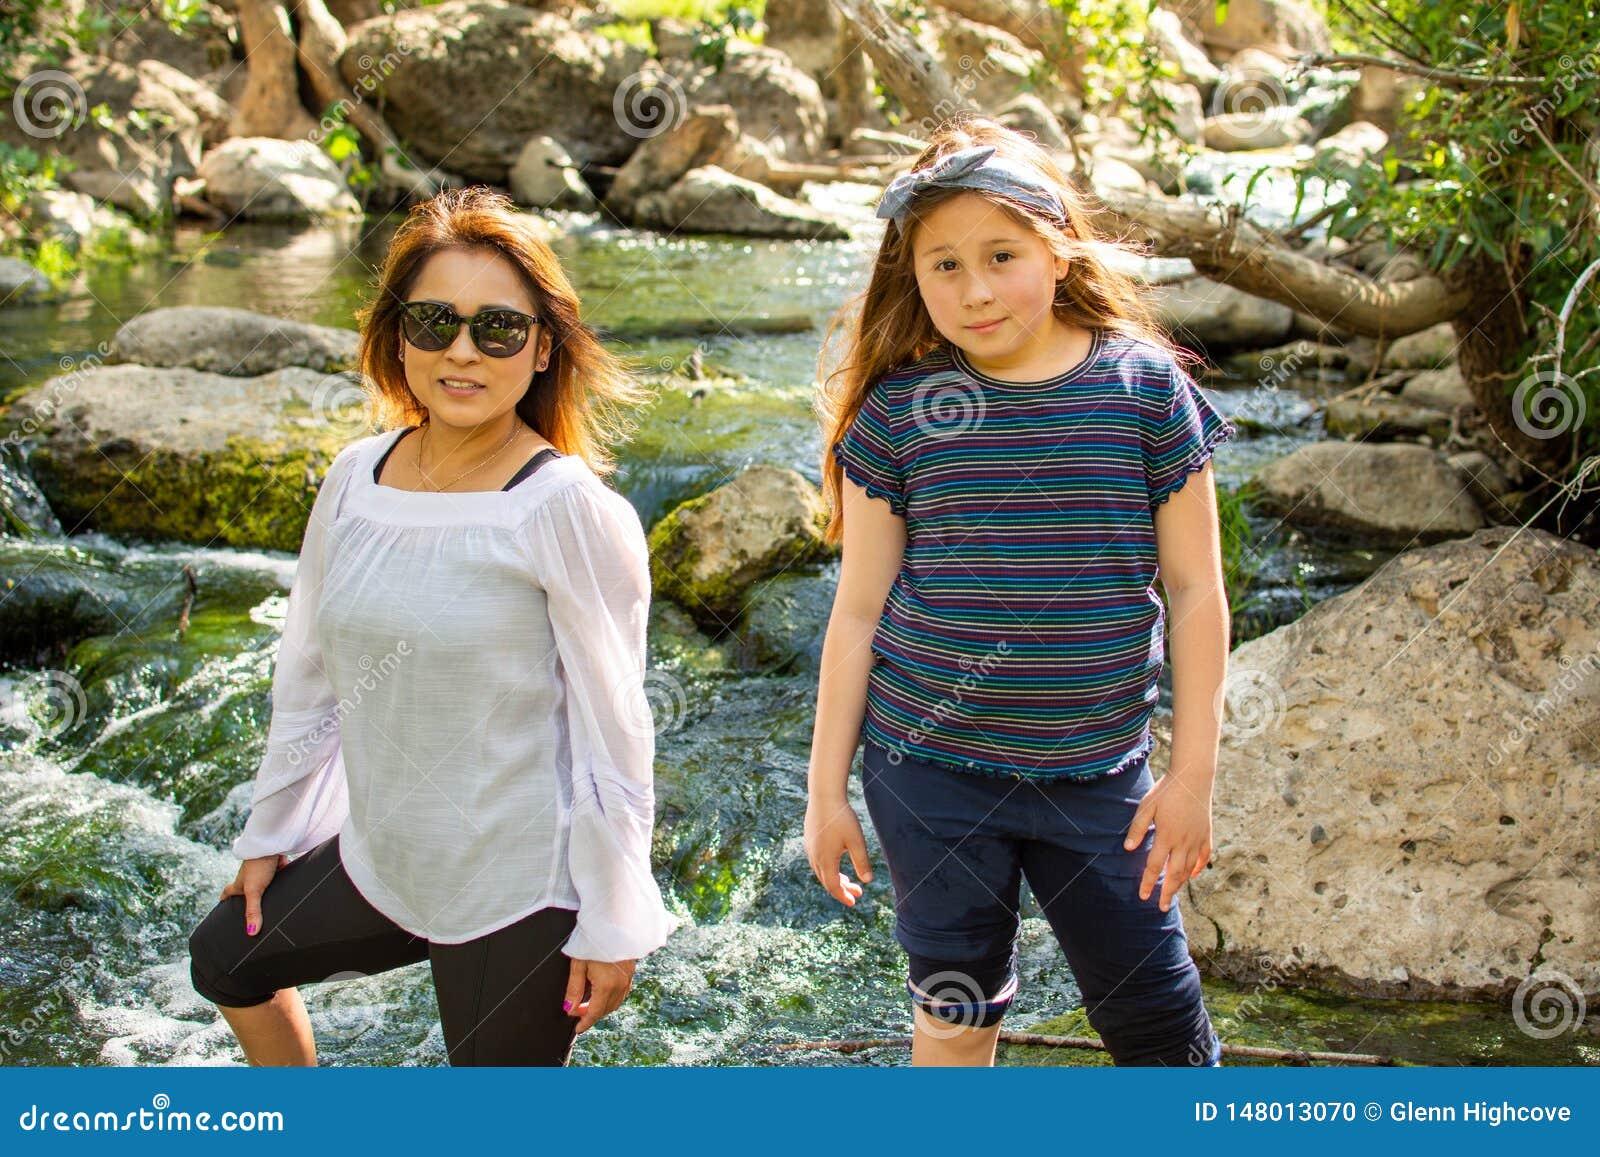 Unders?kande natur f?r kvinna och f?r dotter tillsammans p? en str?m eller en flod